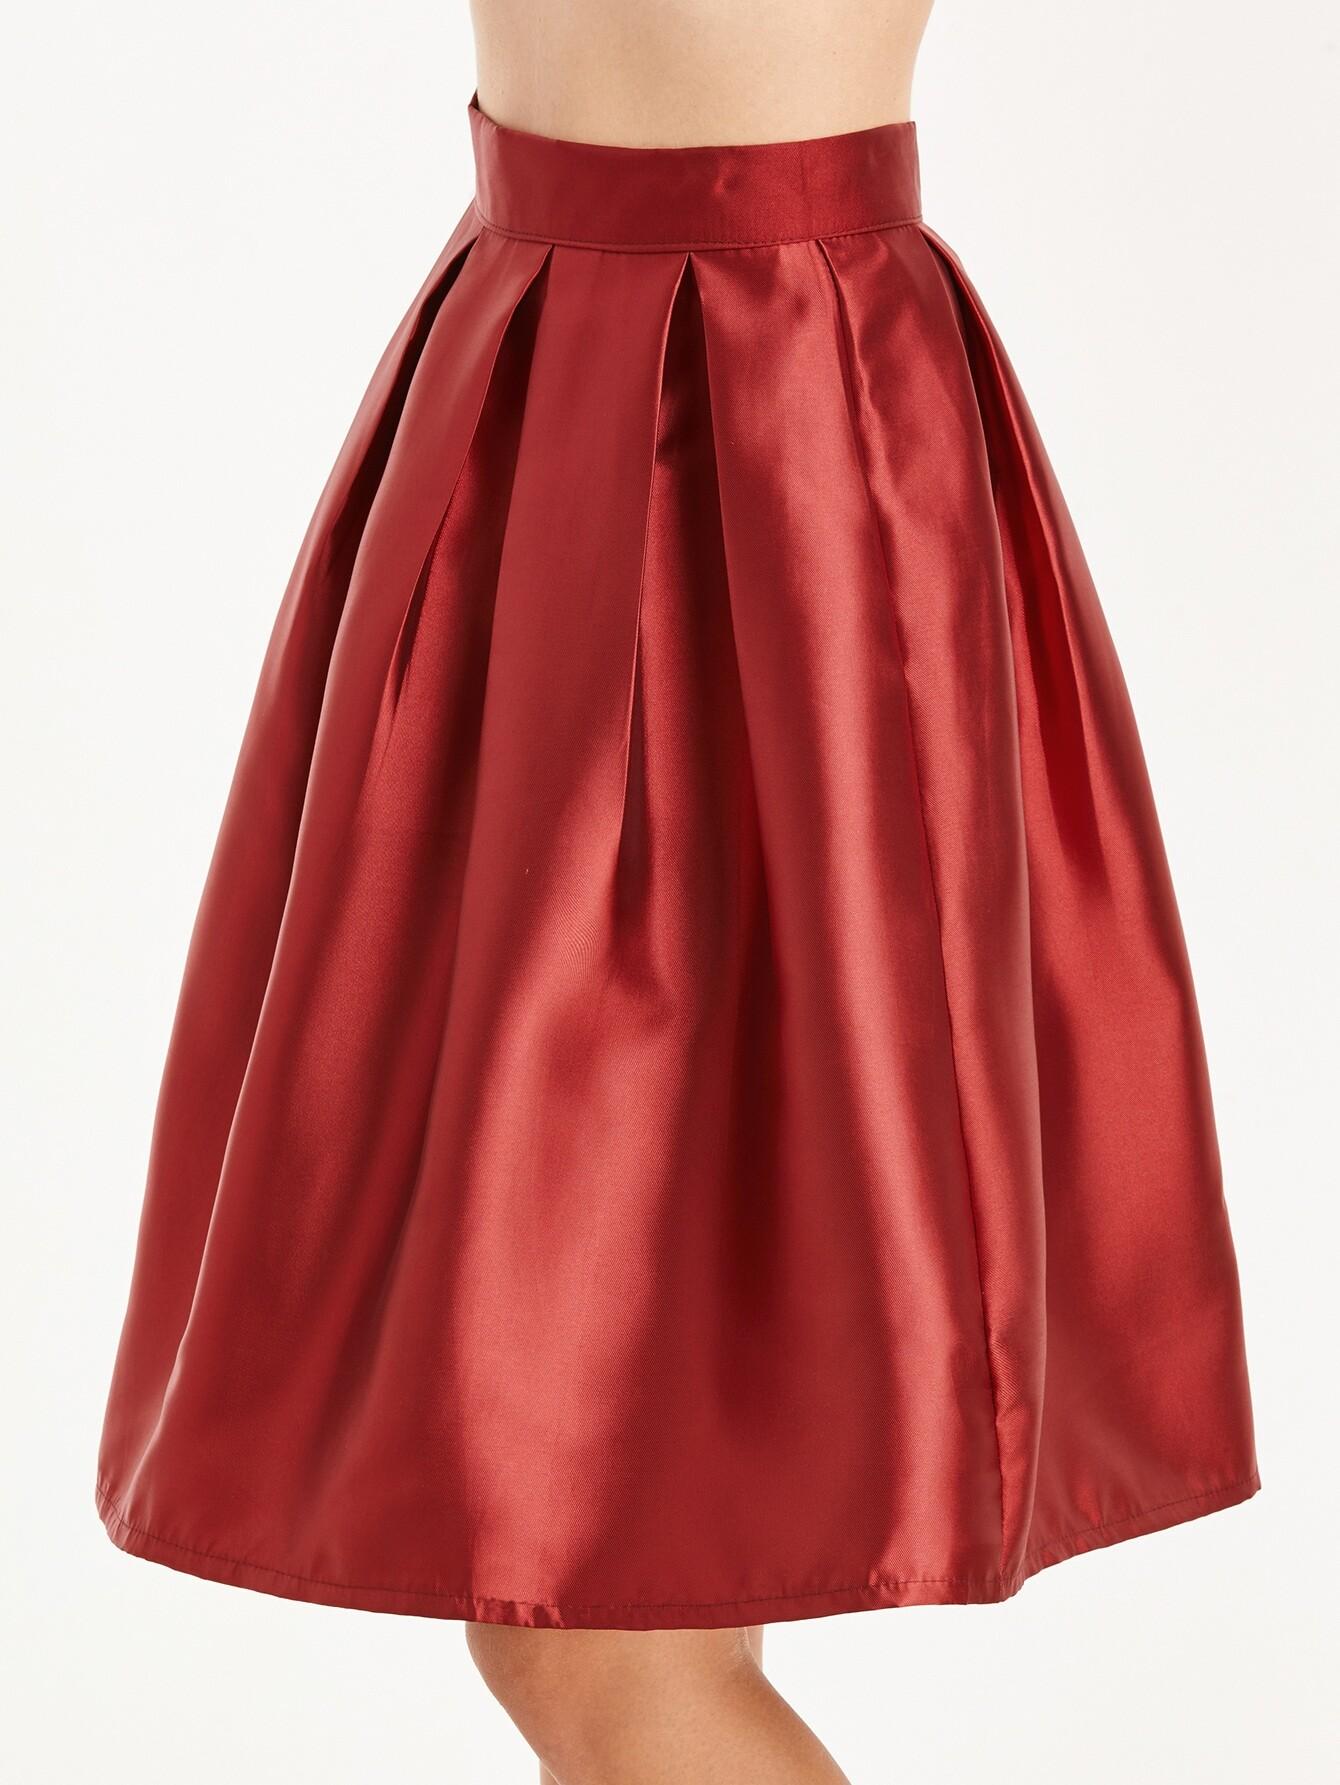 Jupe pliss avec zipp au dos rouge french romwe for Interieur paupiere inferieure rouge